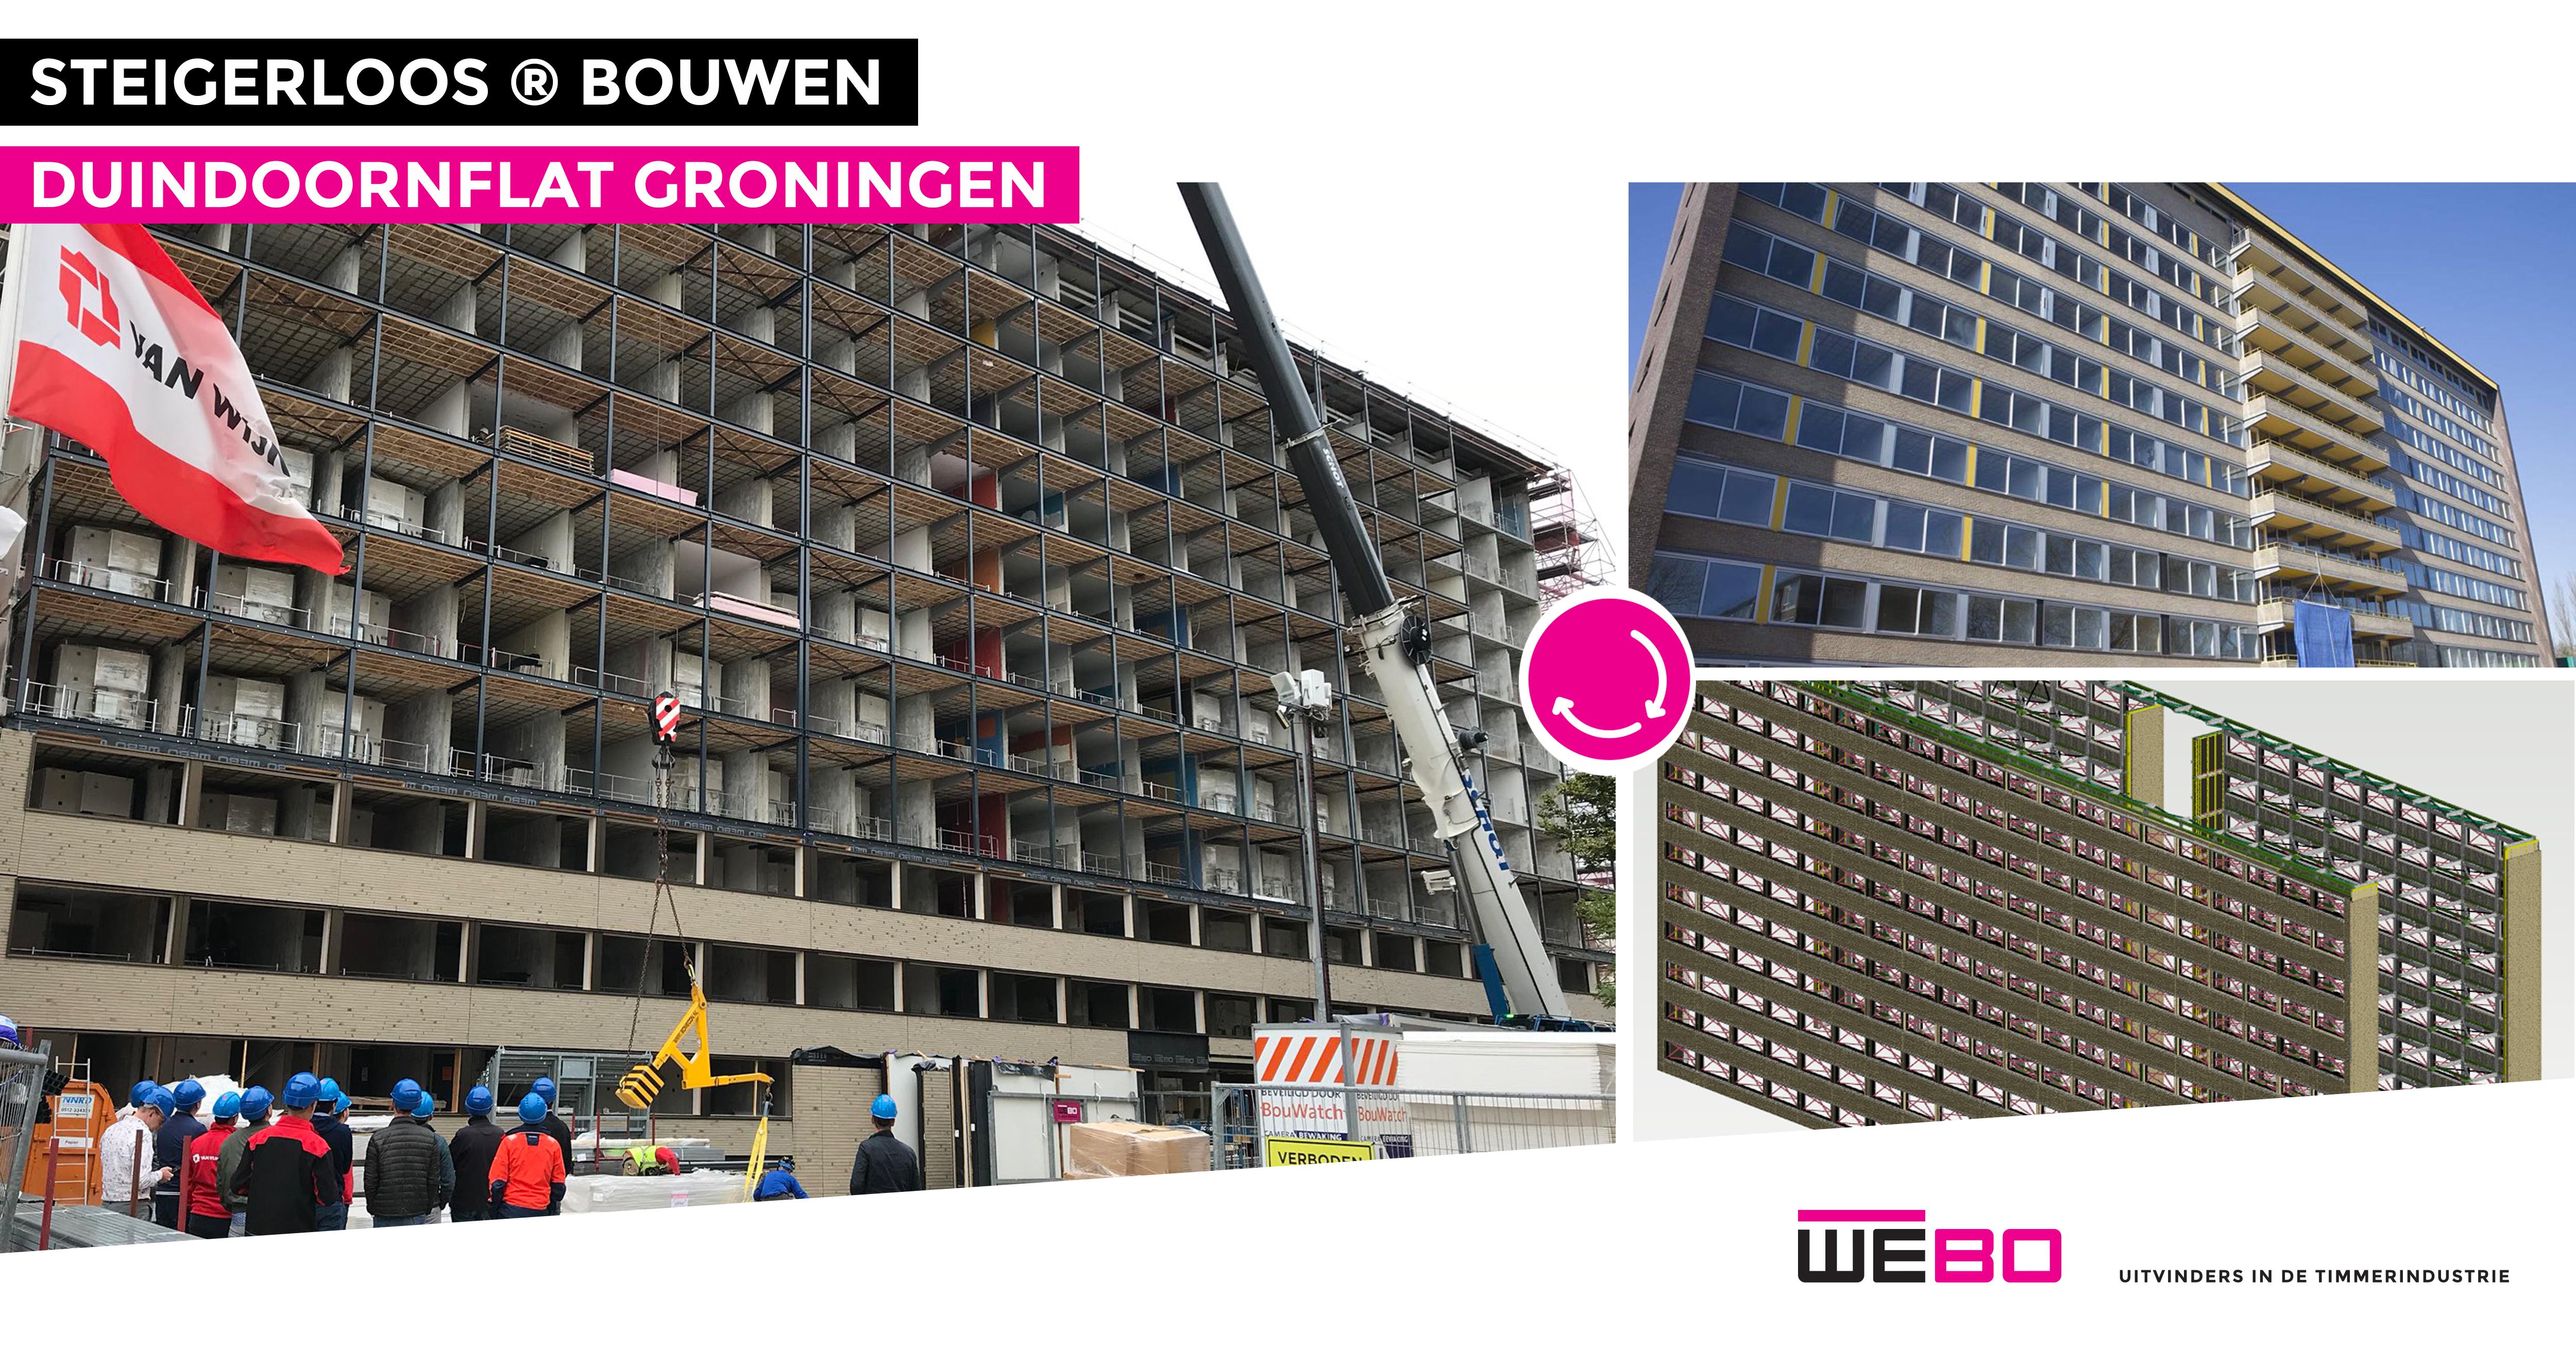 Duindoornflat Groningen